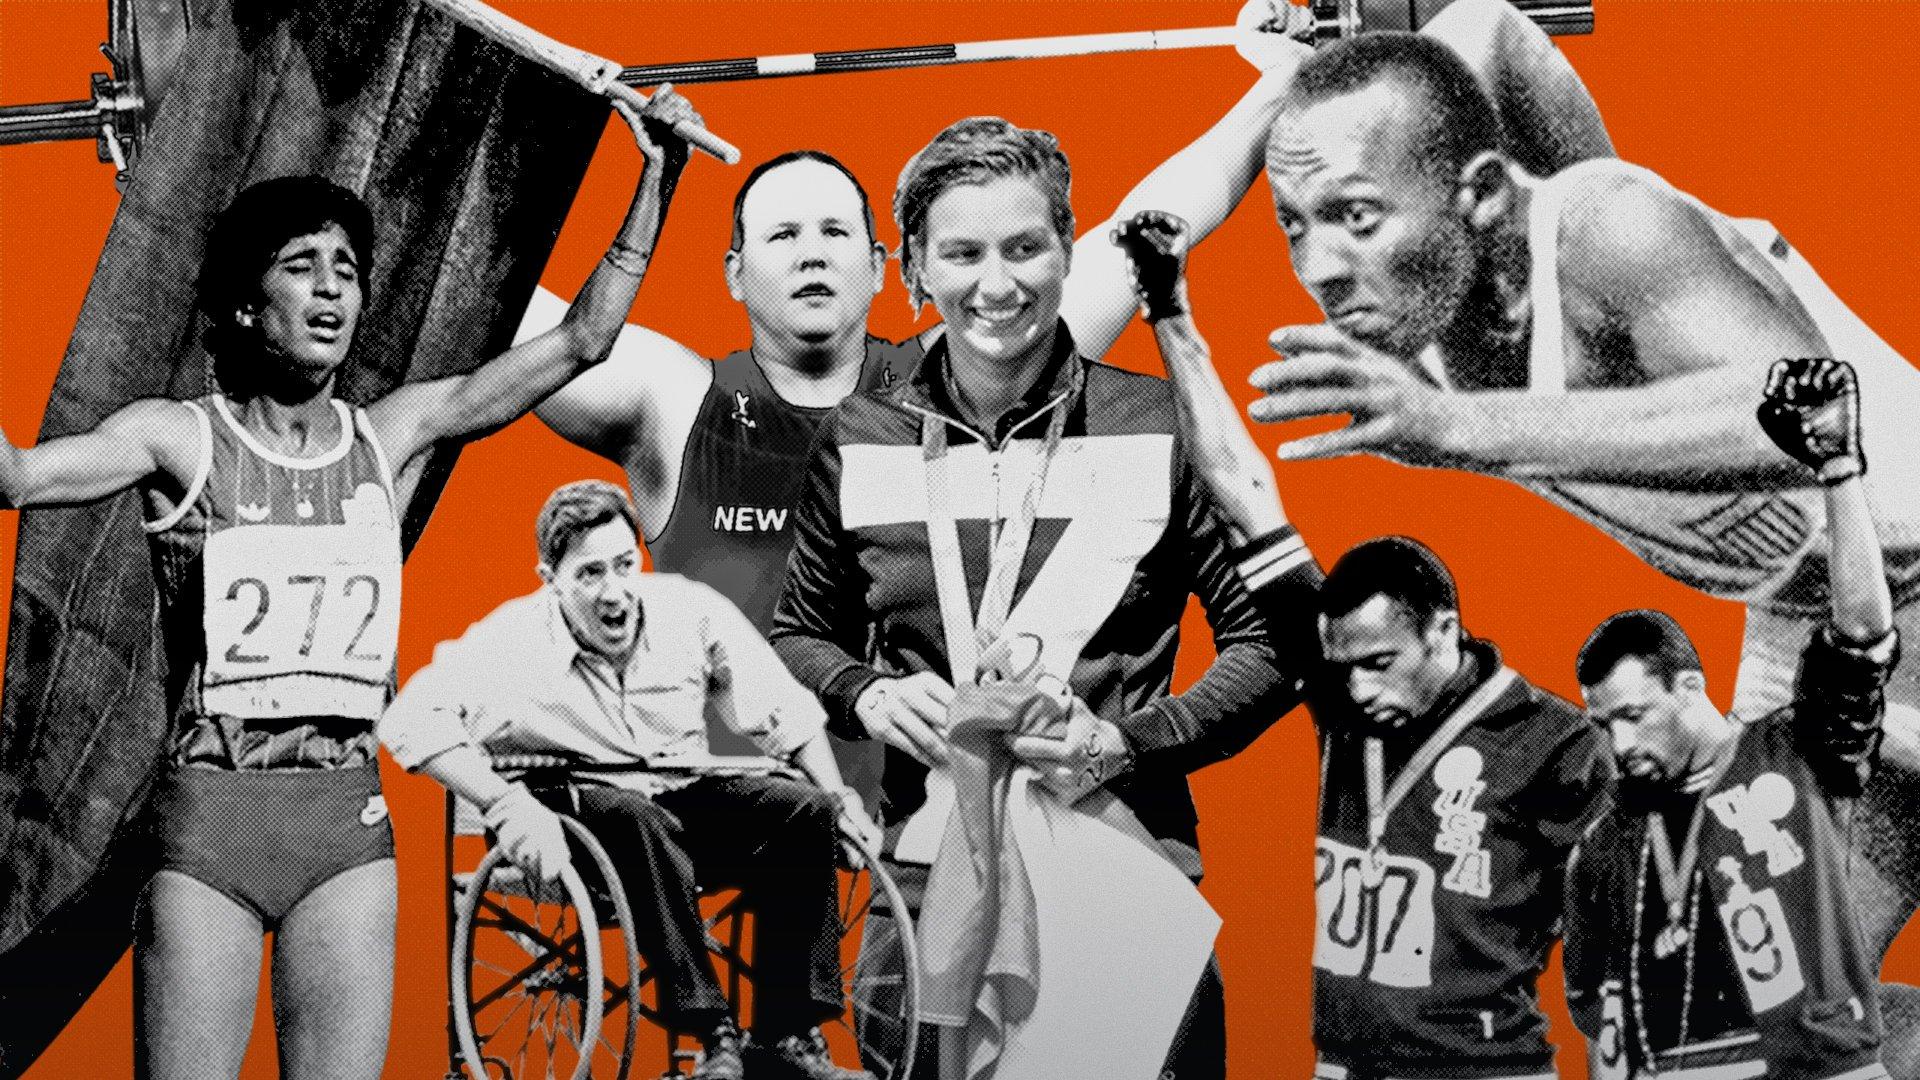 Le storie olimpiche che hanno cambiato la società